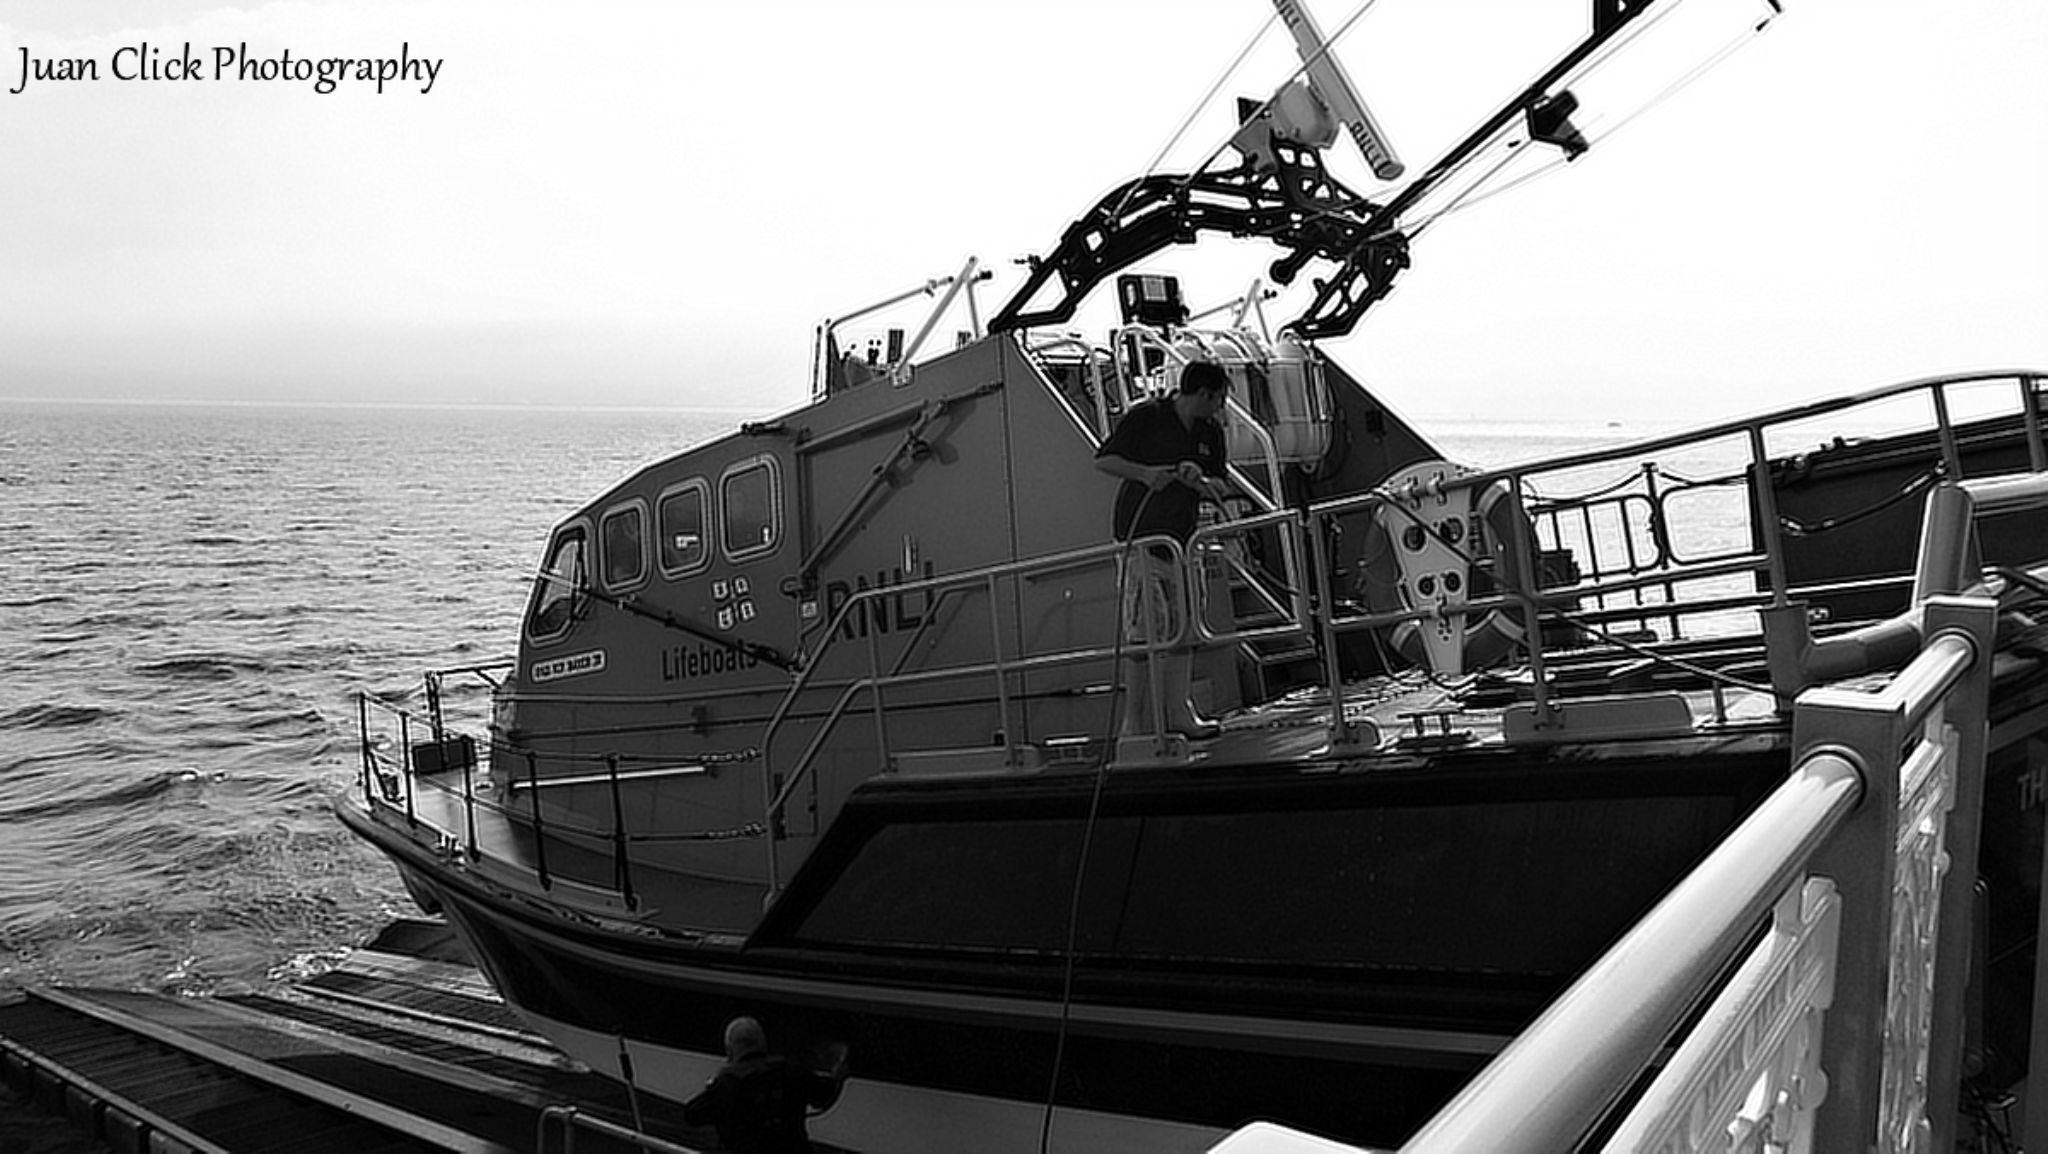 Life Boat by Tommyrocket1